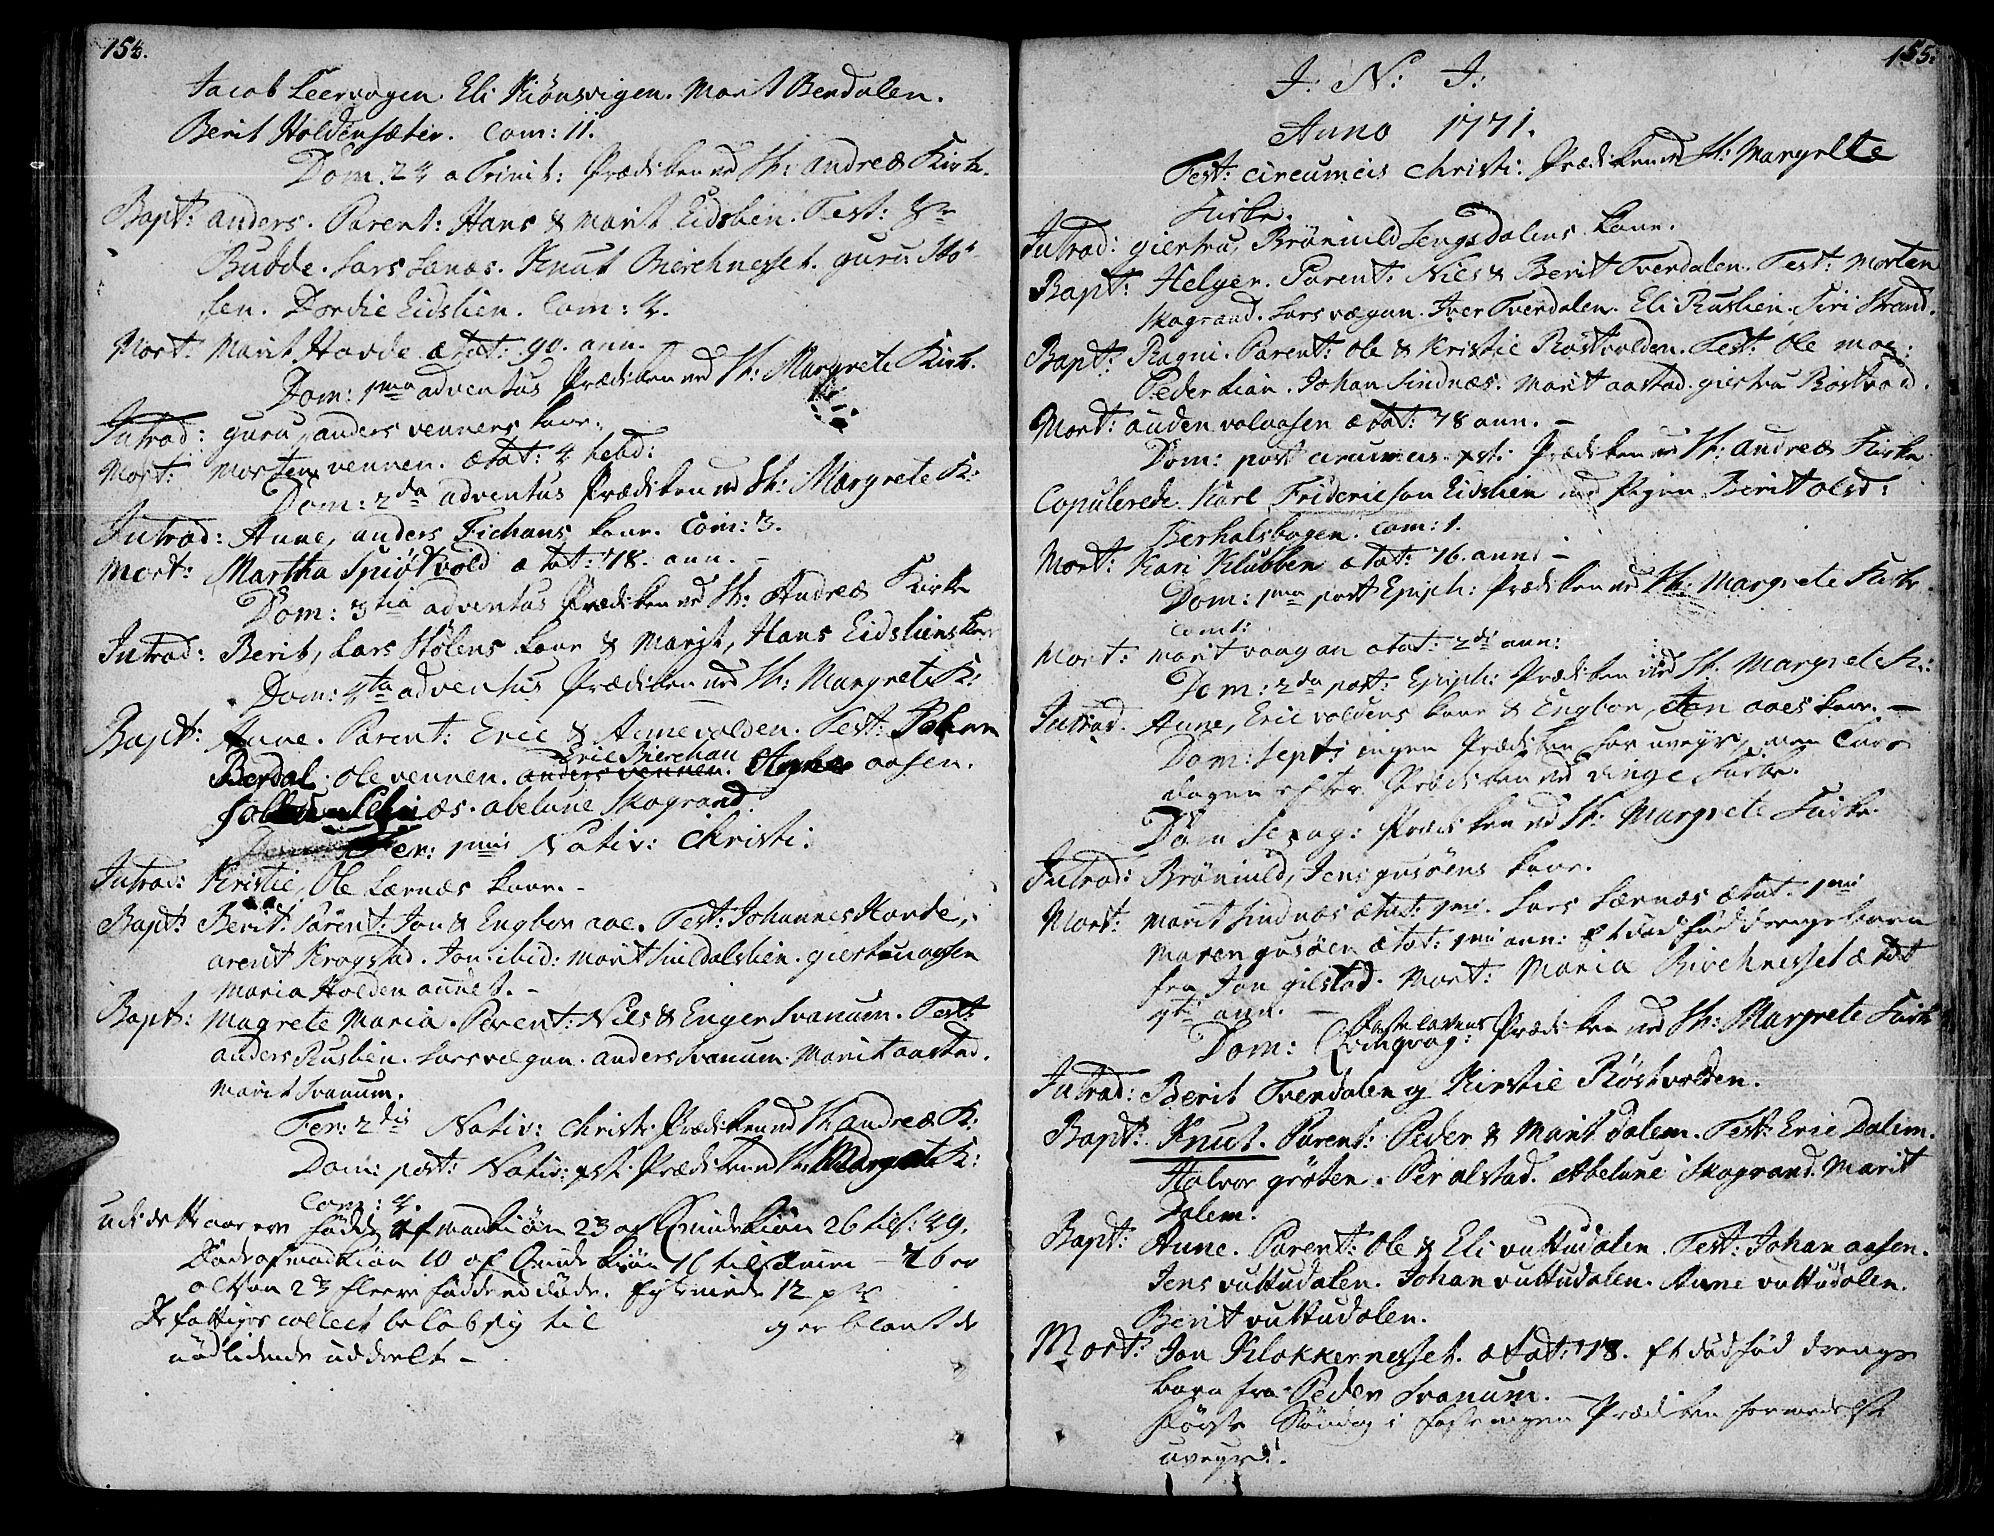 SAT, Ministerialprotokoller, klokkerbøker og fødselsregistre - Sør-Trøndelag, 630/L0489: Ministerialbok nr. 630A02, 1757-1794, s. 154-155